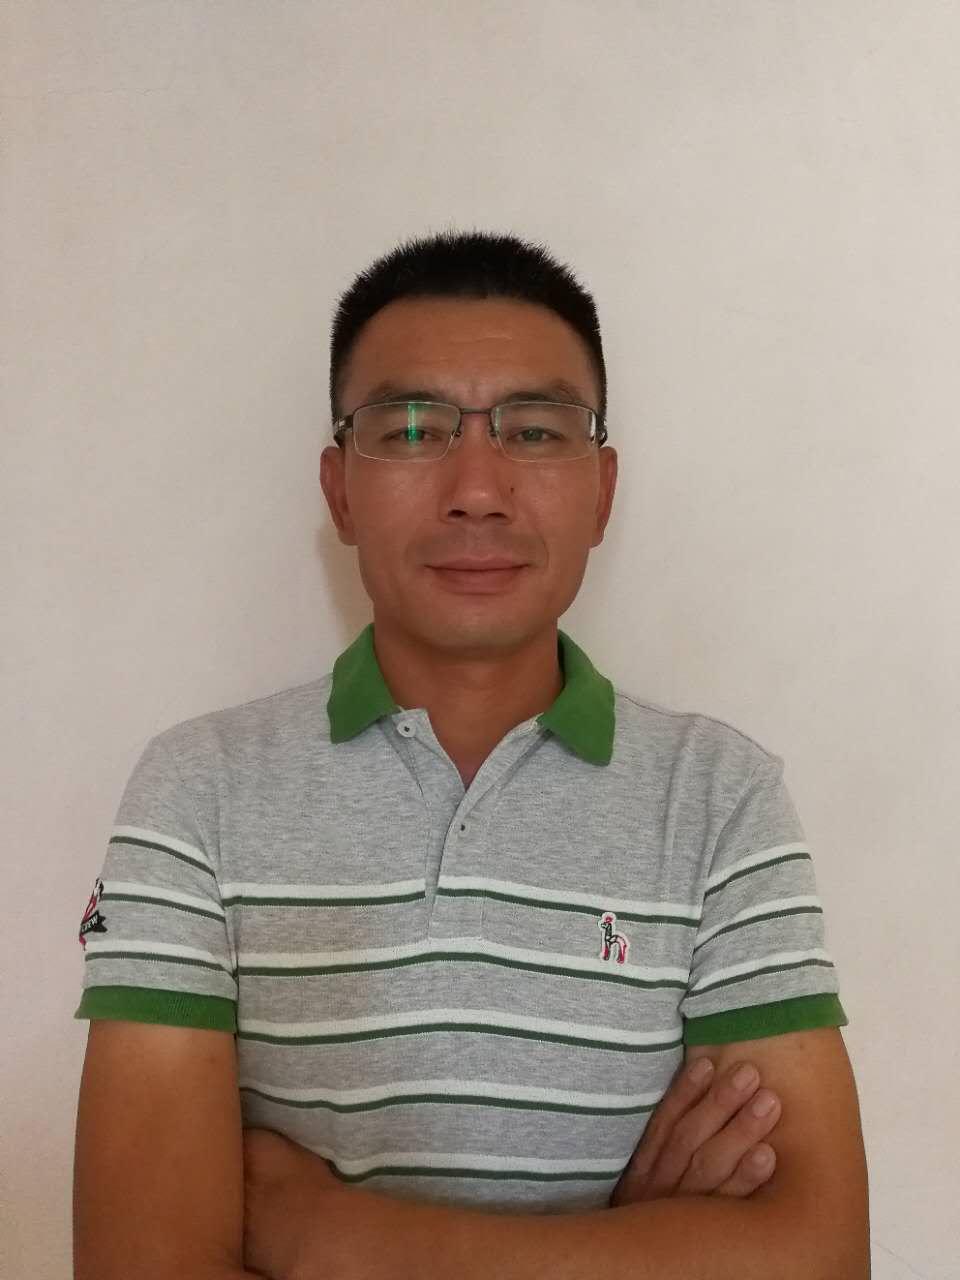 广西桥哥再生资源利用有限公司 经理李新桥【凯发娱乐铁】